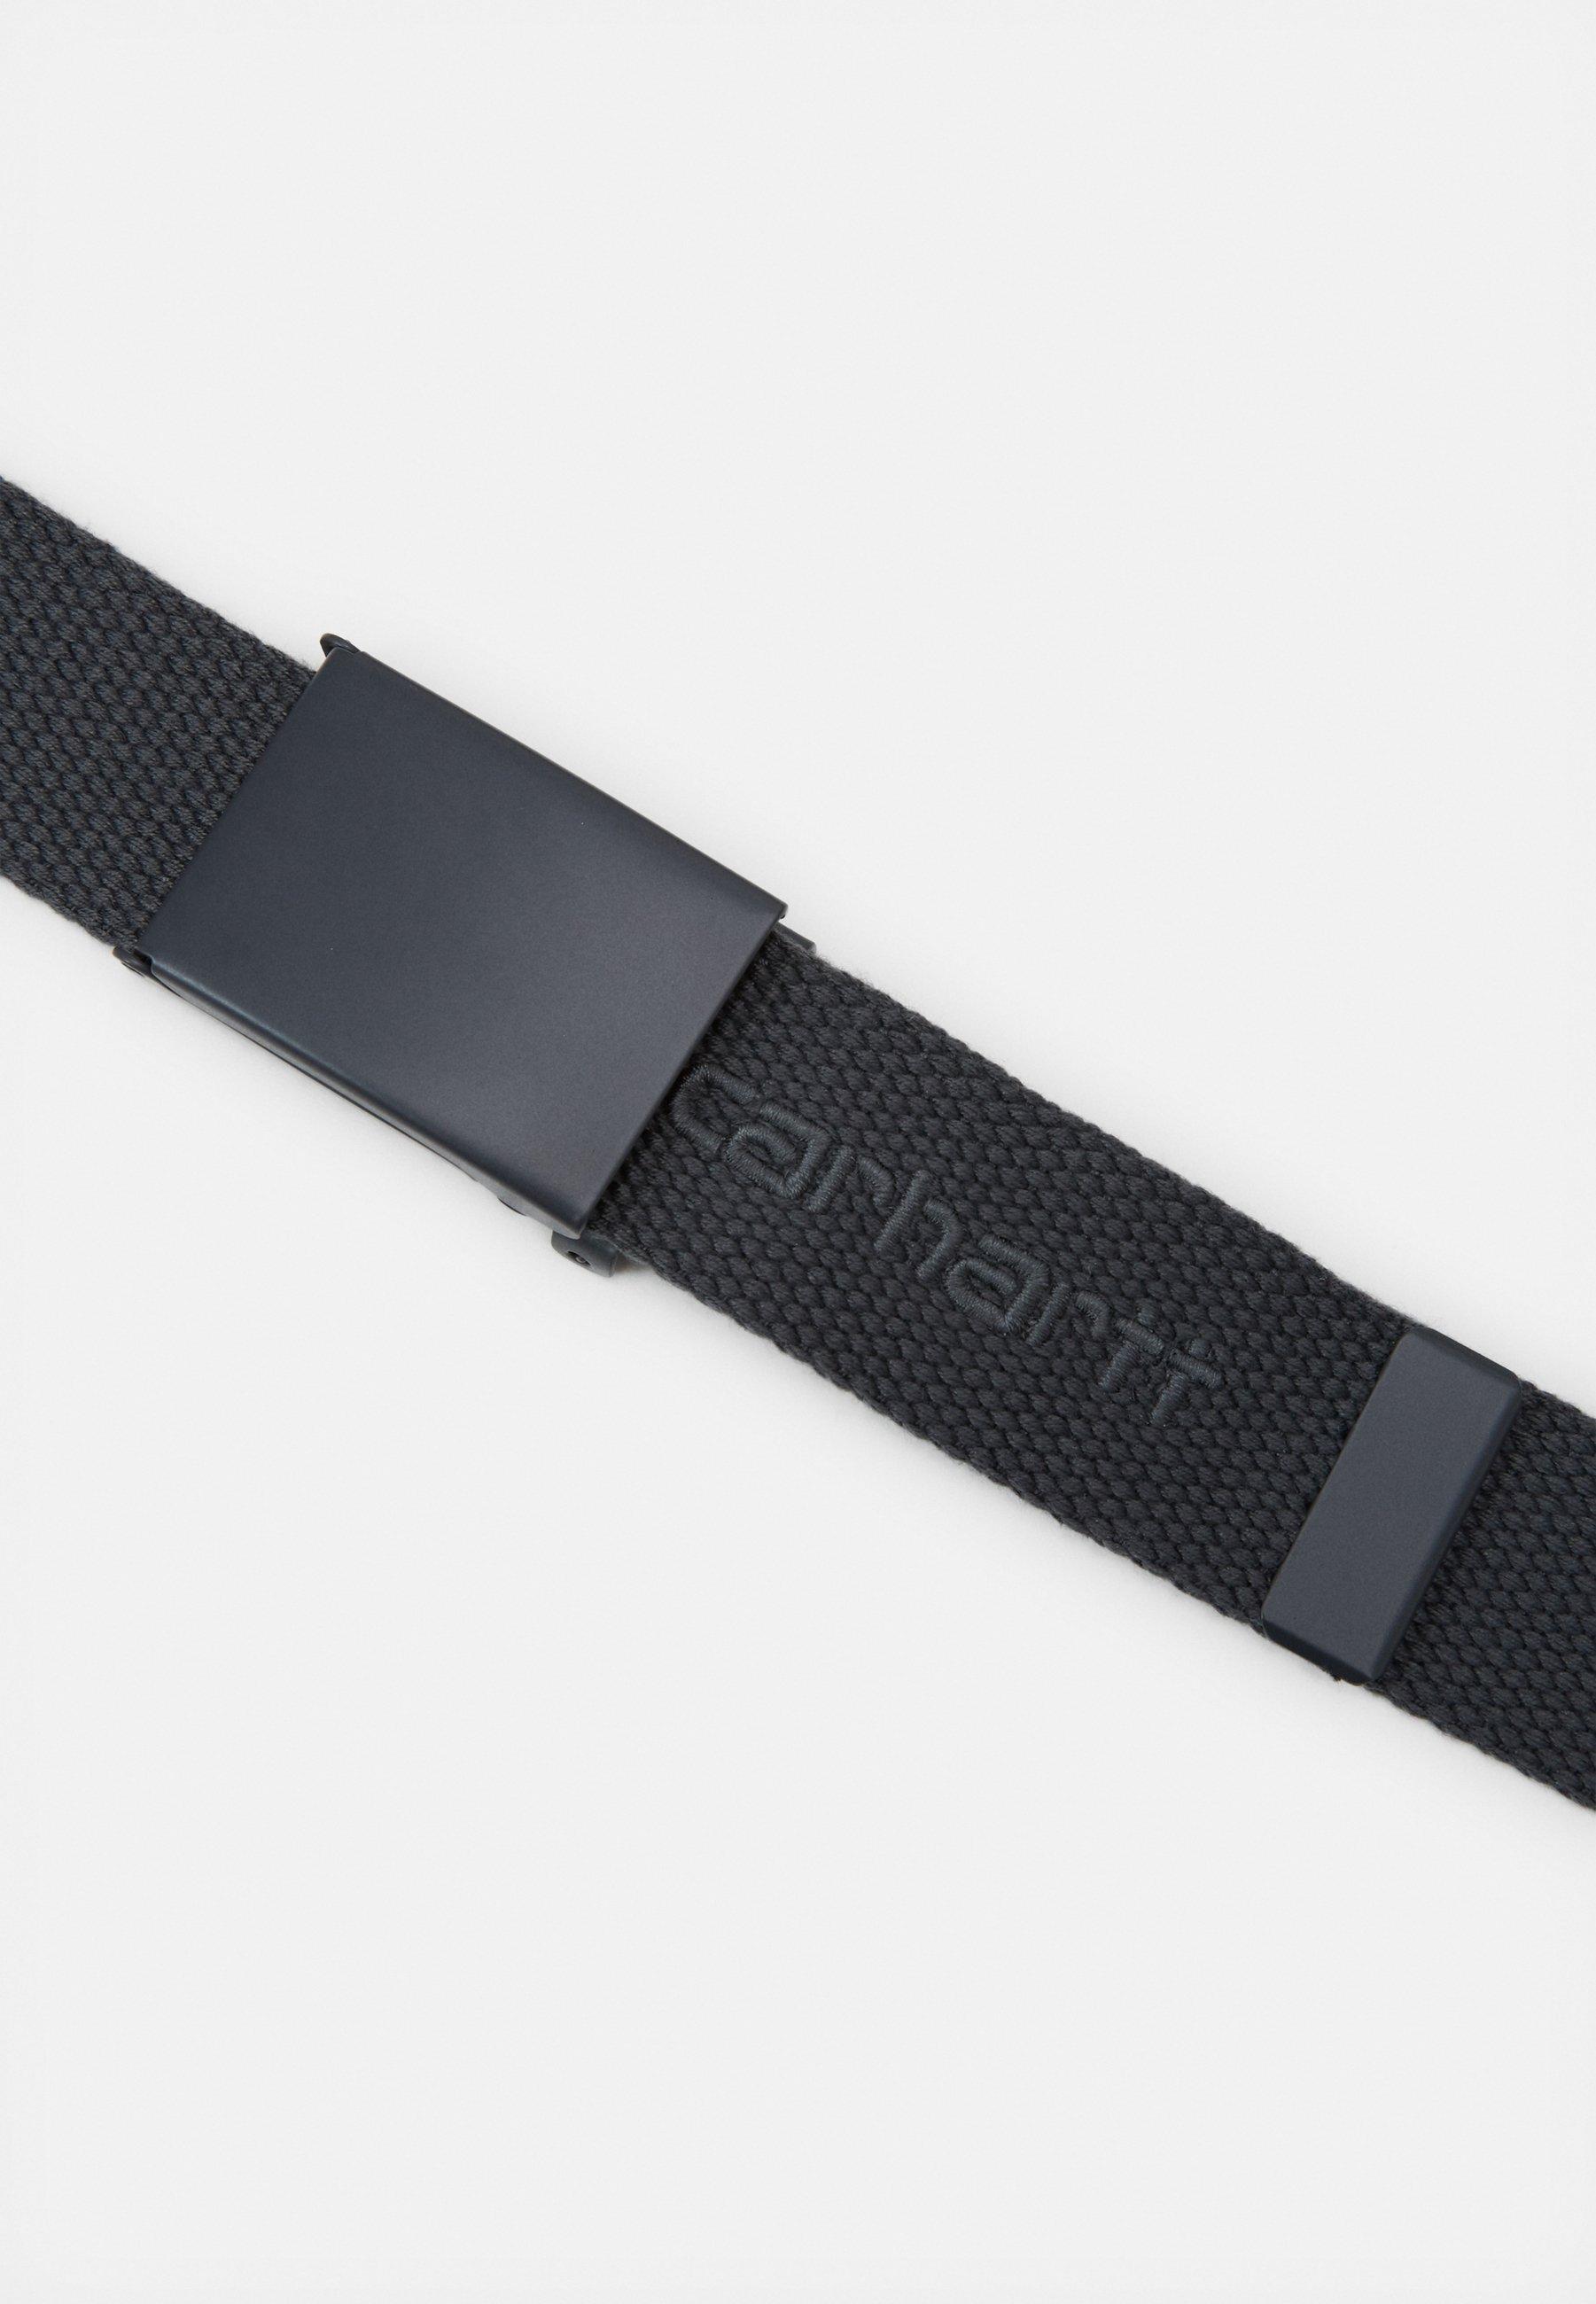 Carhartt WIP SCRIPT BELT TONAL - Belte - blacksmith/mørkegrå kNswQj5dXq7LxIb